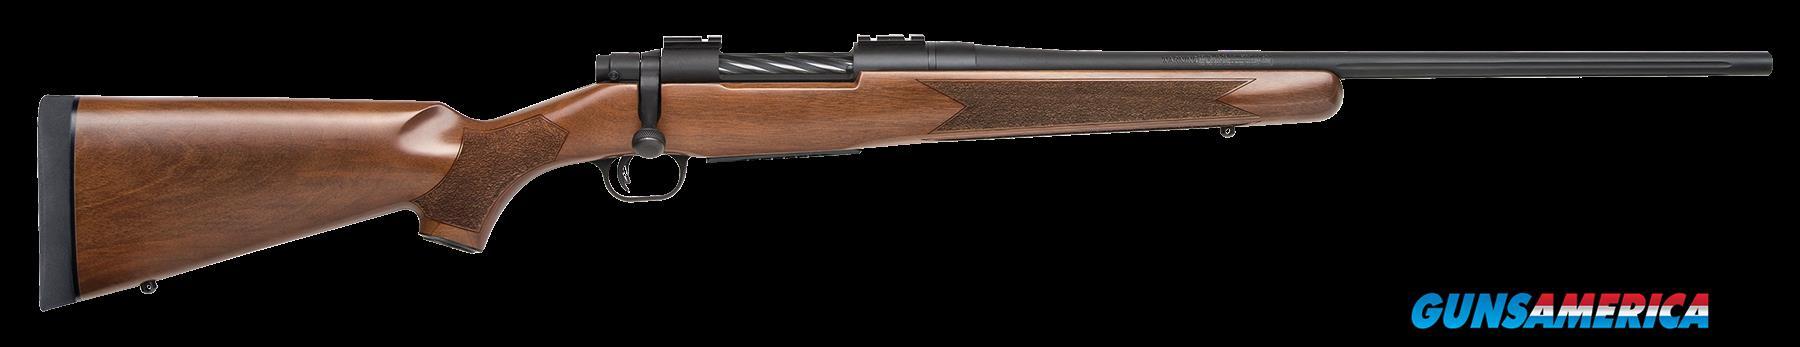 Mossberg Patriot, Moss.27890 Patriot 22 Fb 3006  5+1 Wal  Guns > Pistols > 1911 Pistol Copies (non-Colt)